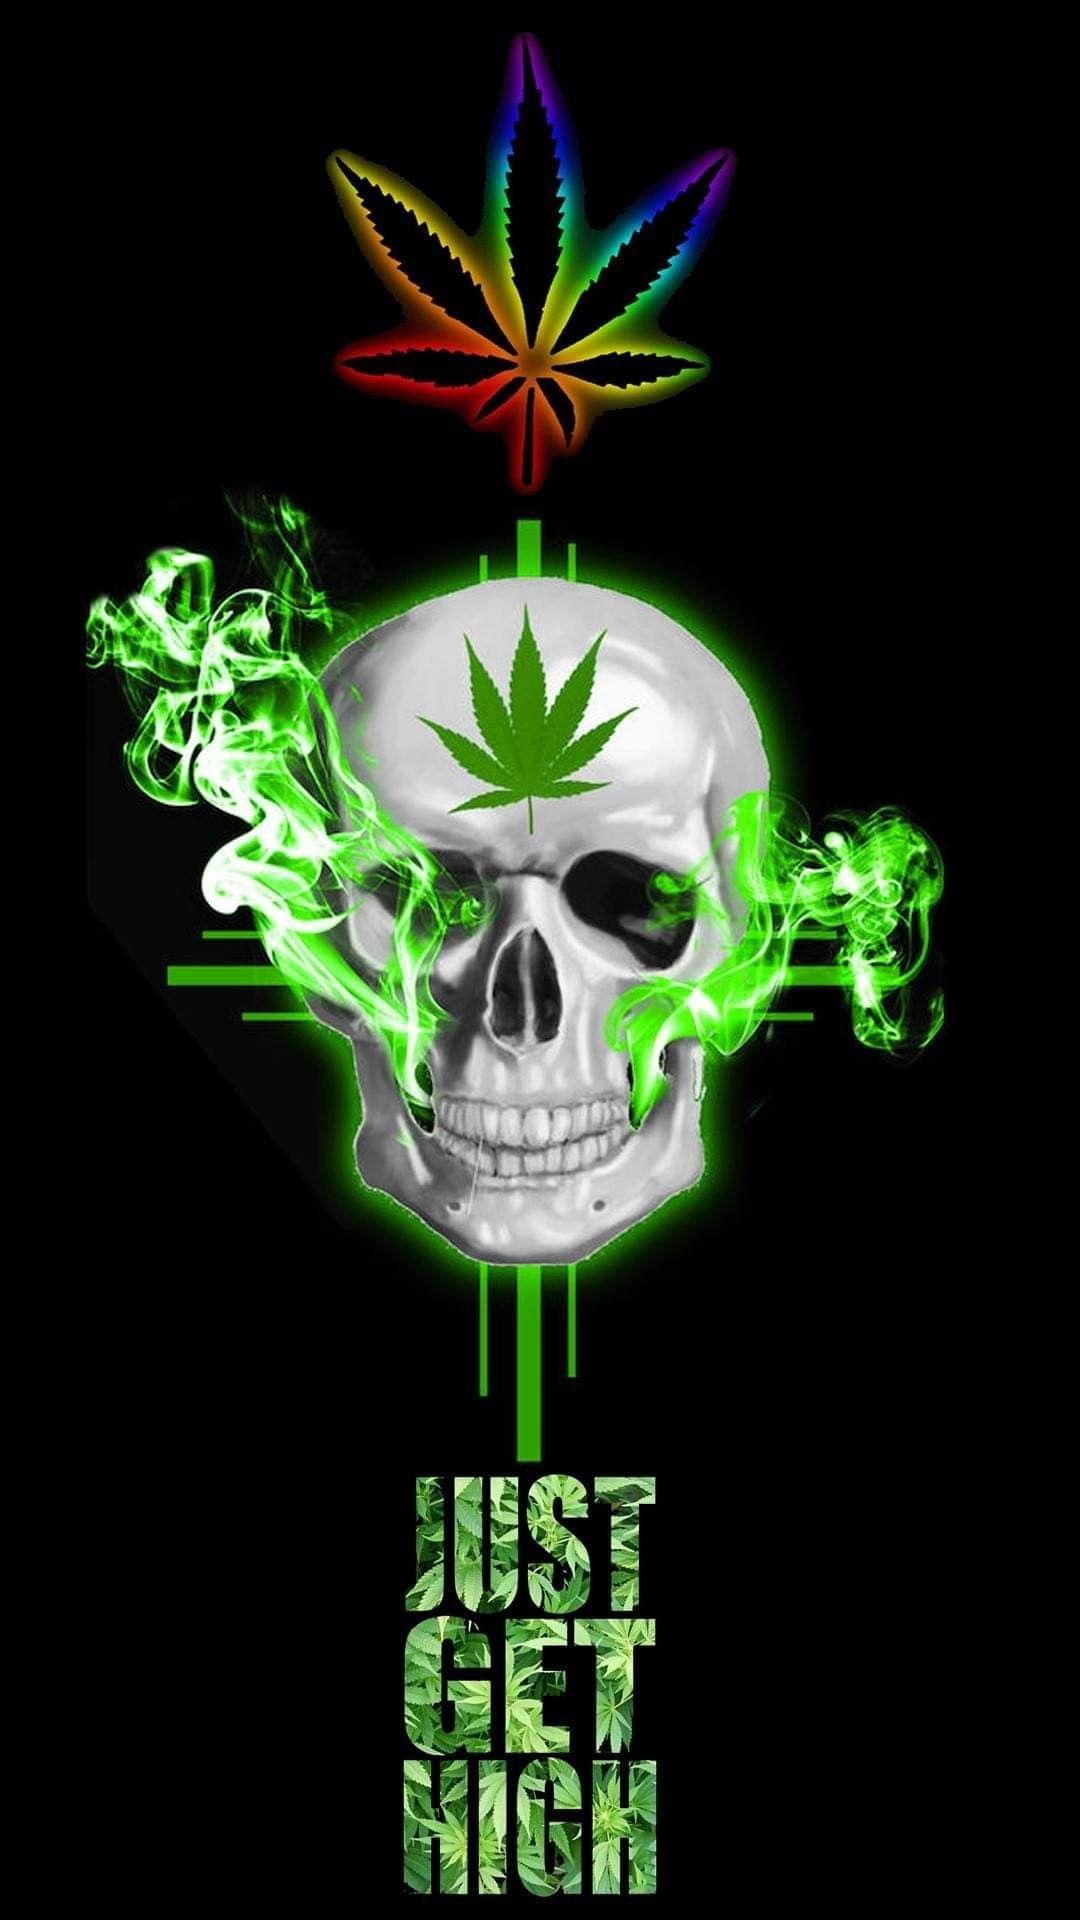 Pin On Green Goddess Weed Pot Mary Jane Marijuana